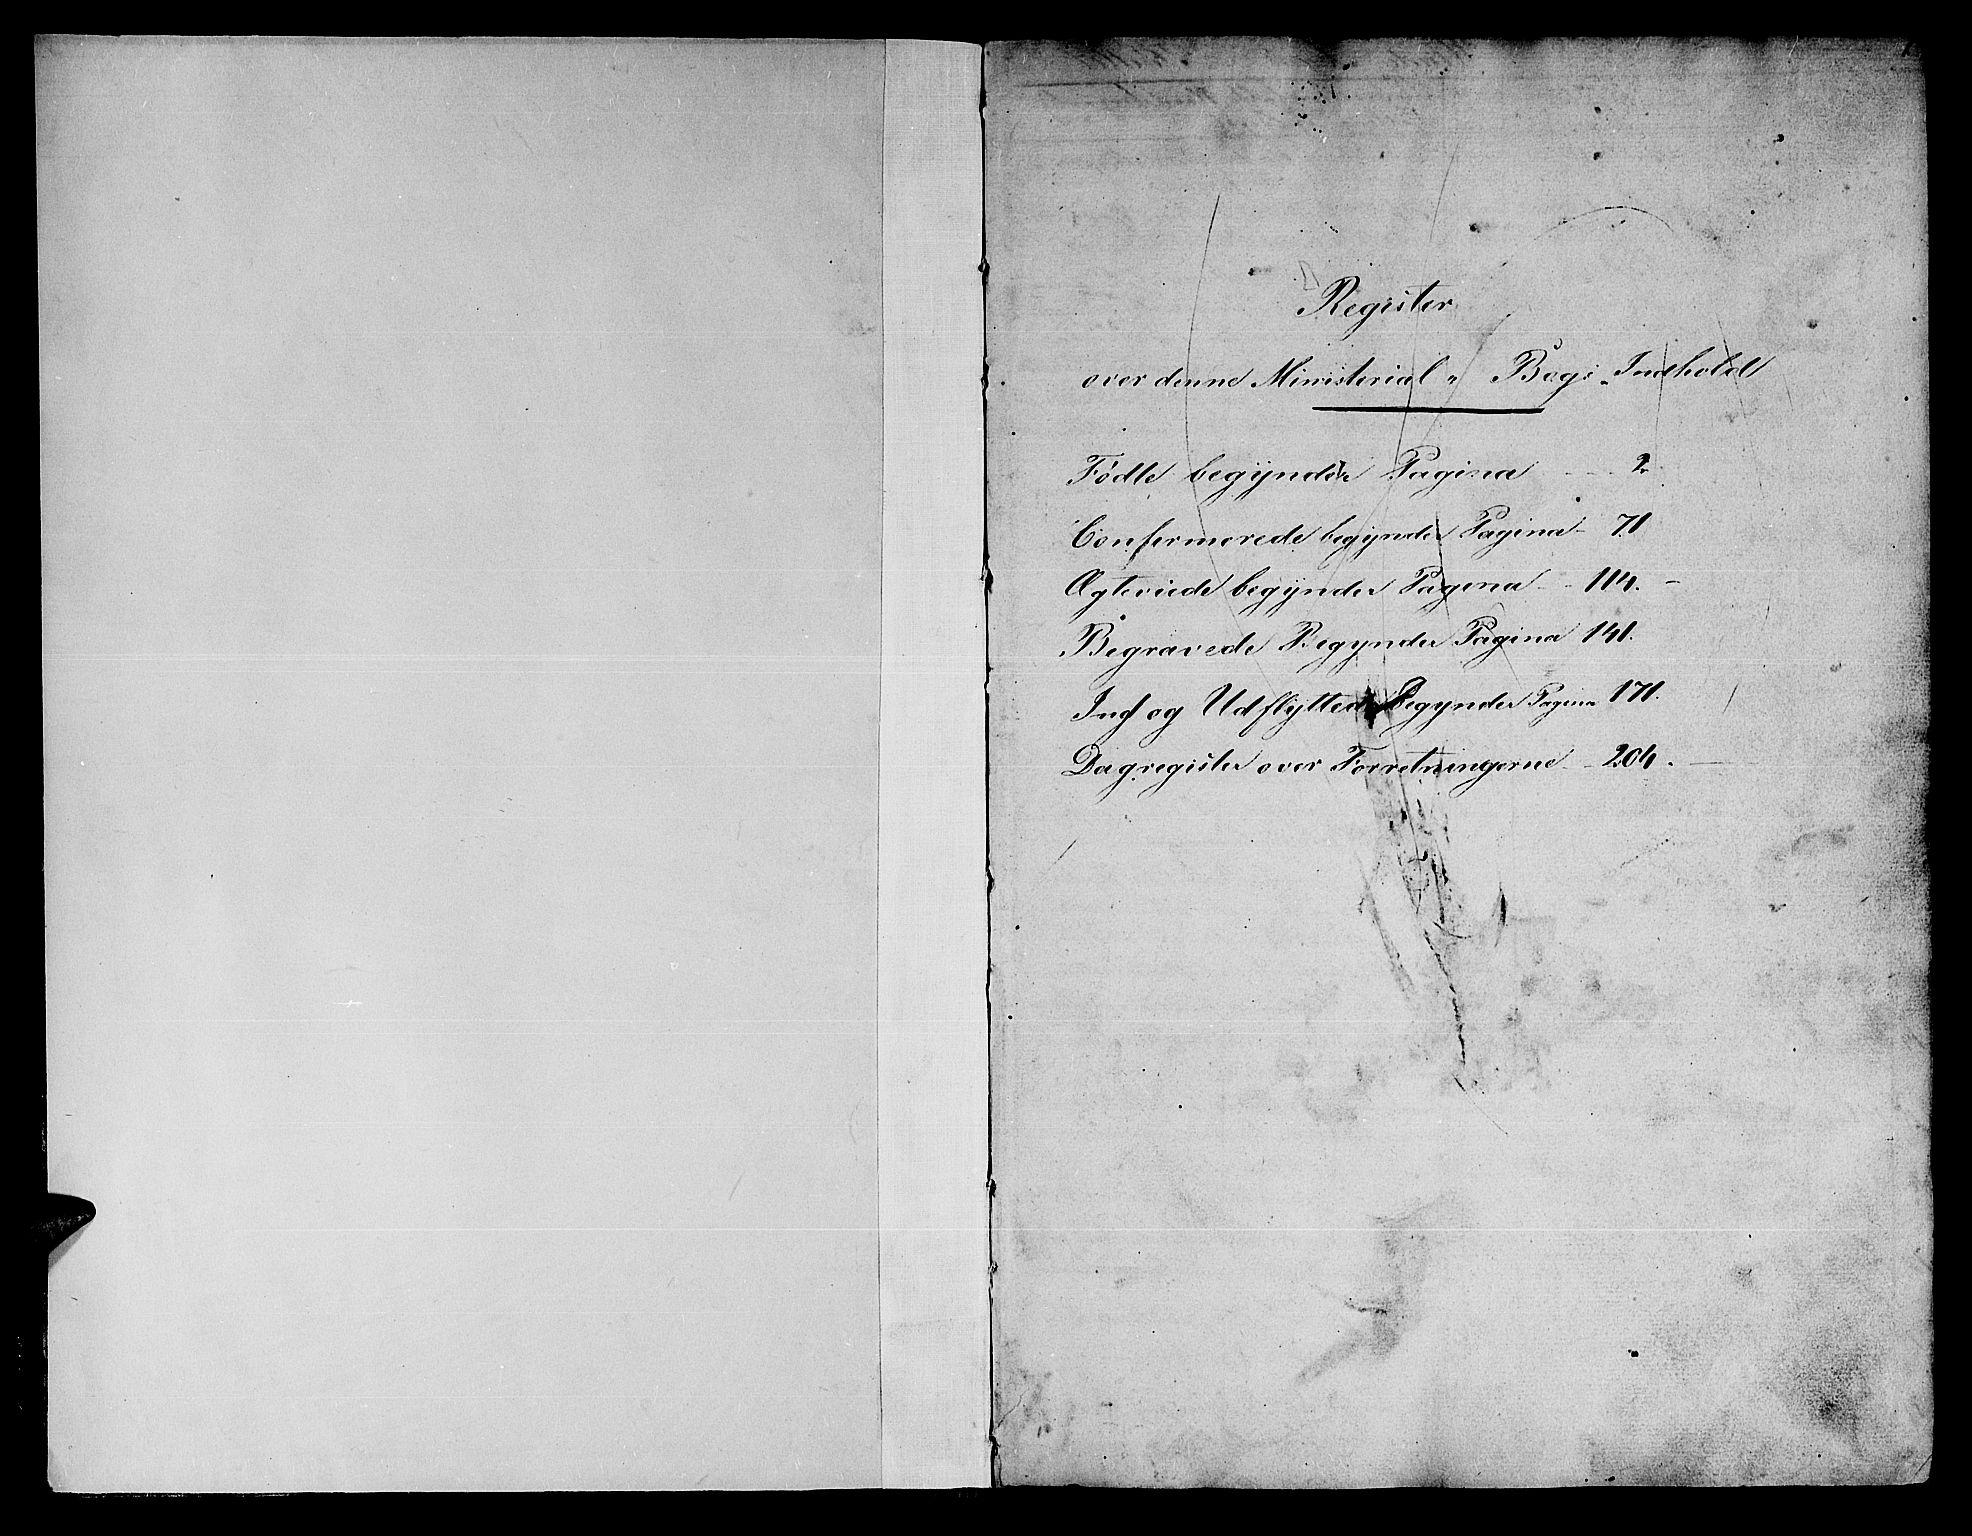 SAT, Ministerialprotokoller, klokkerbøker og fødselsregistre - Sør-Trøndelag, 606/L0309: Klokkerbok nr. 606C05, 1841-1849, s. 1